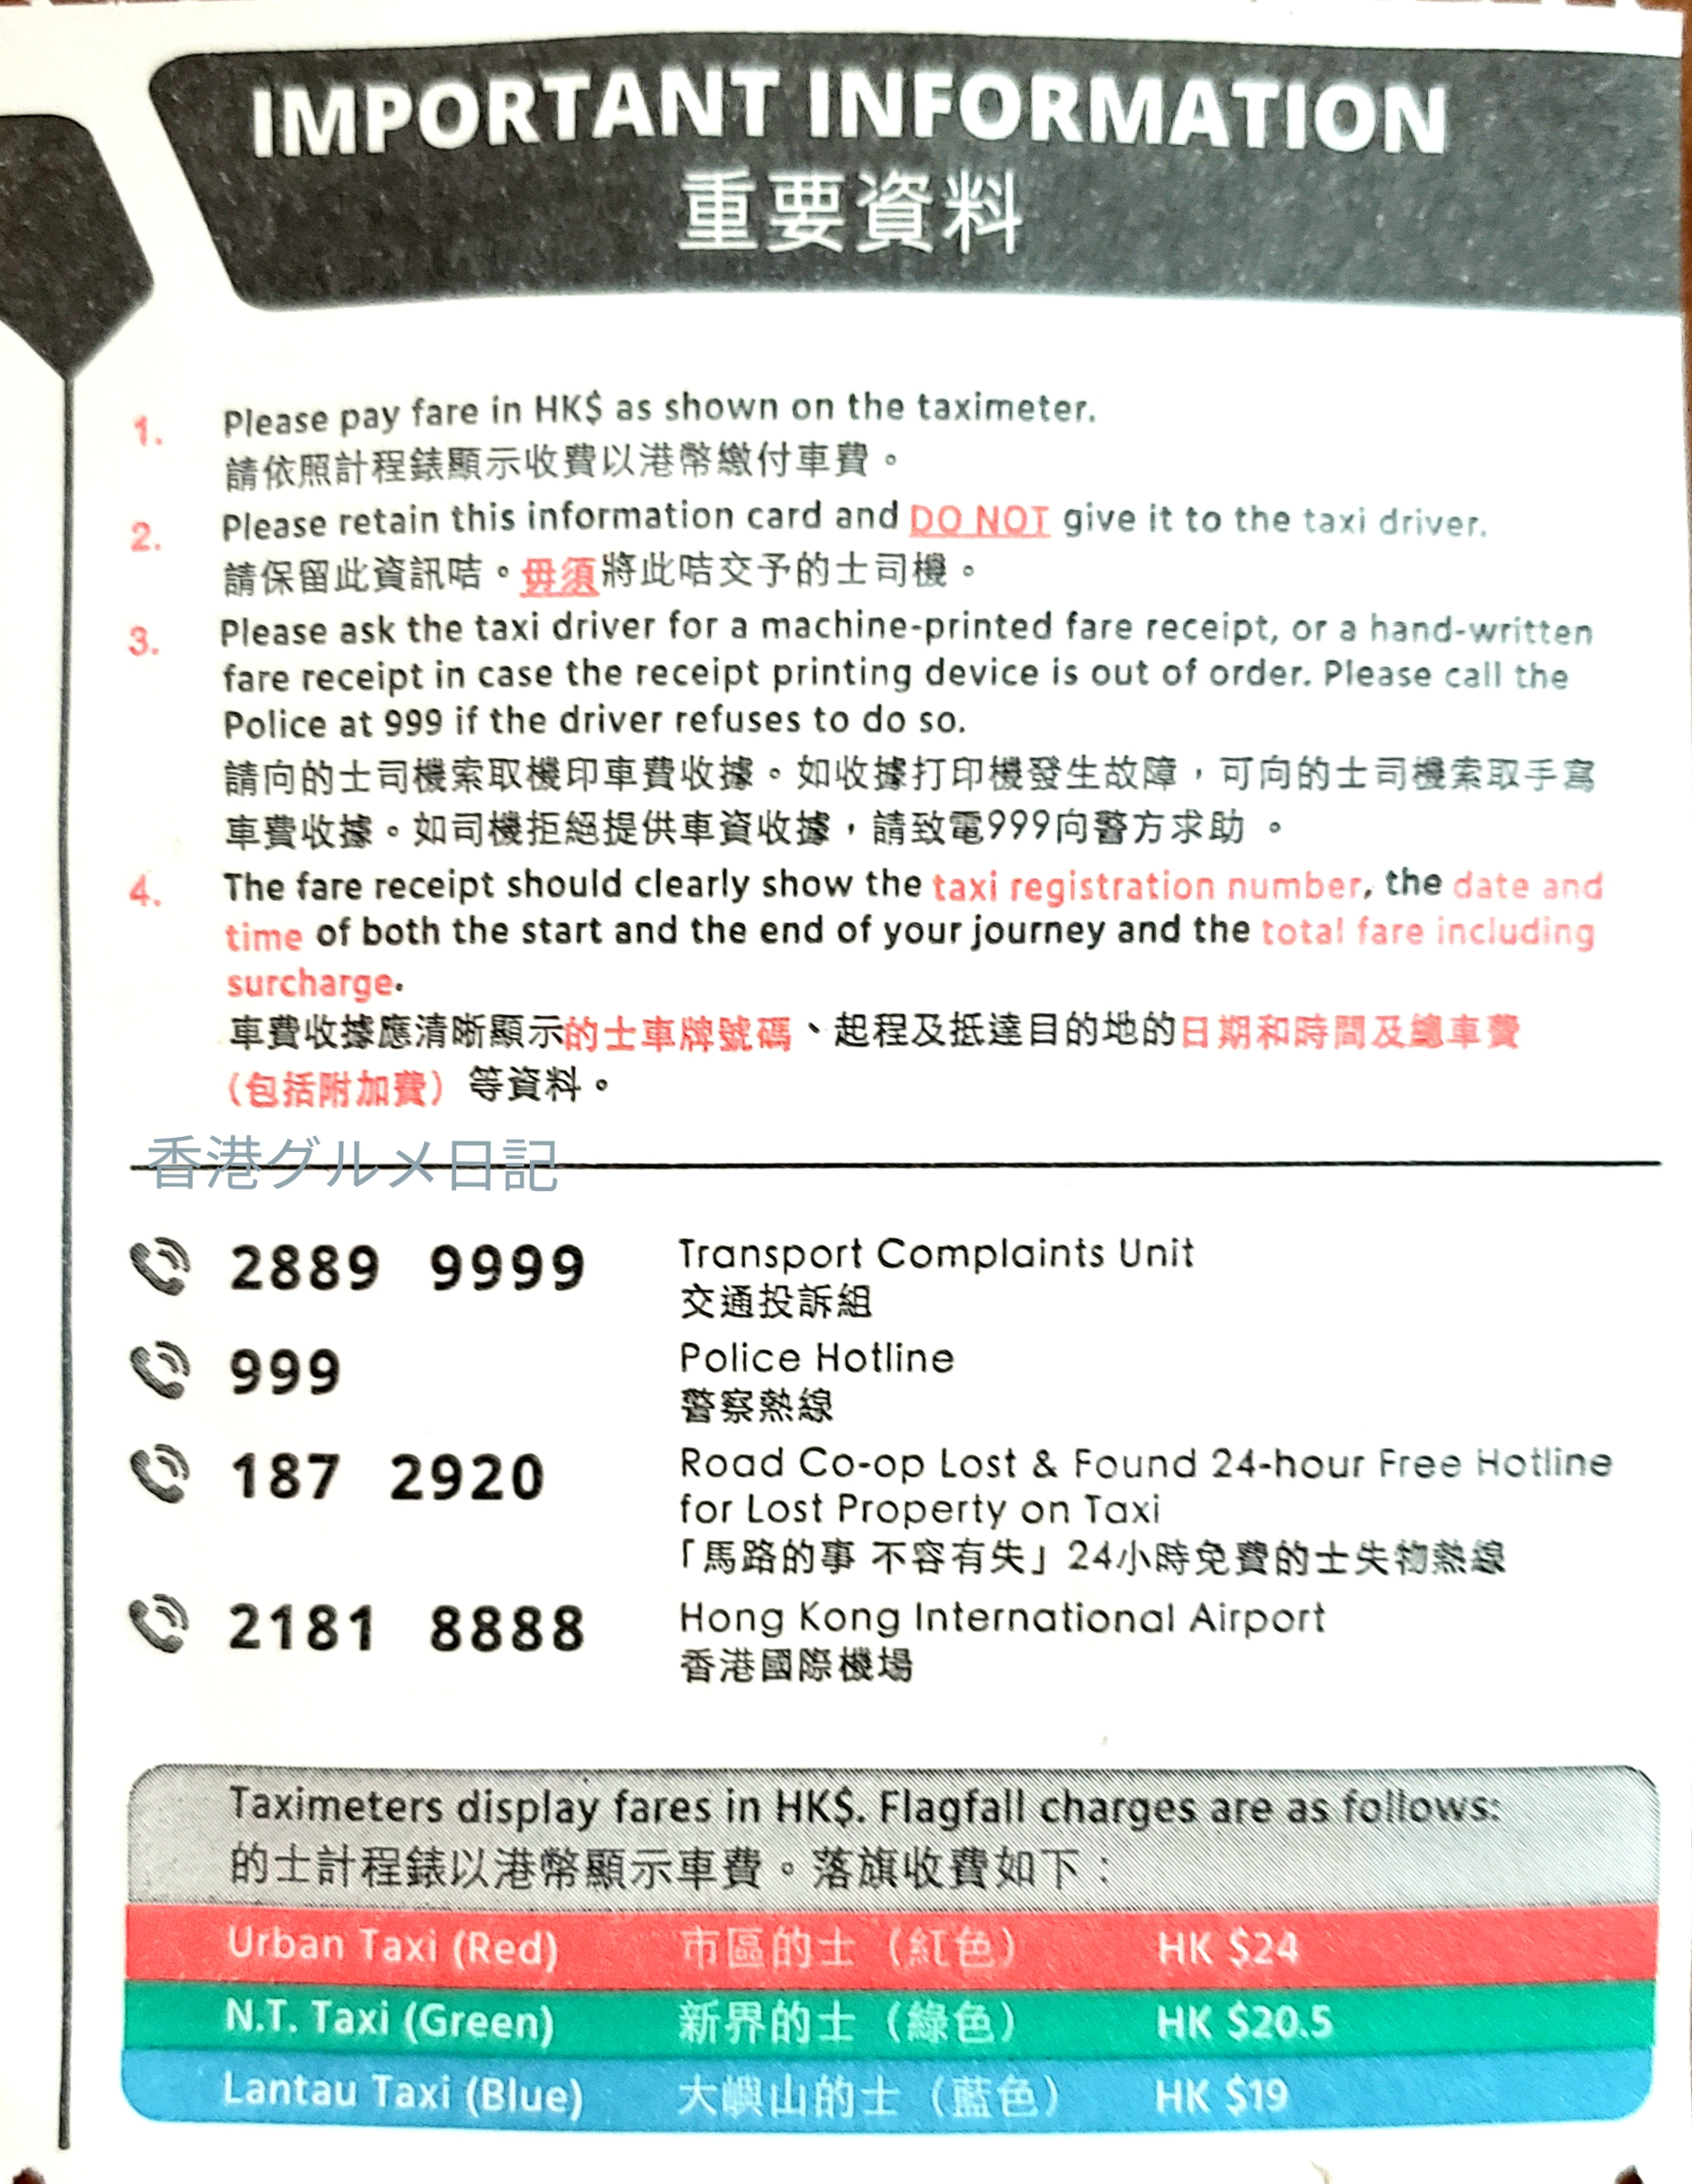 タクシー情報カードの裏側の説明